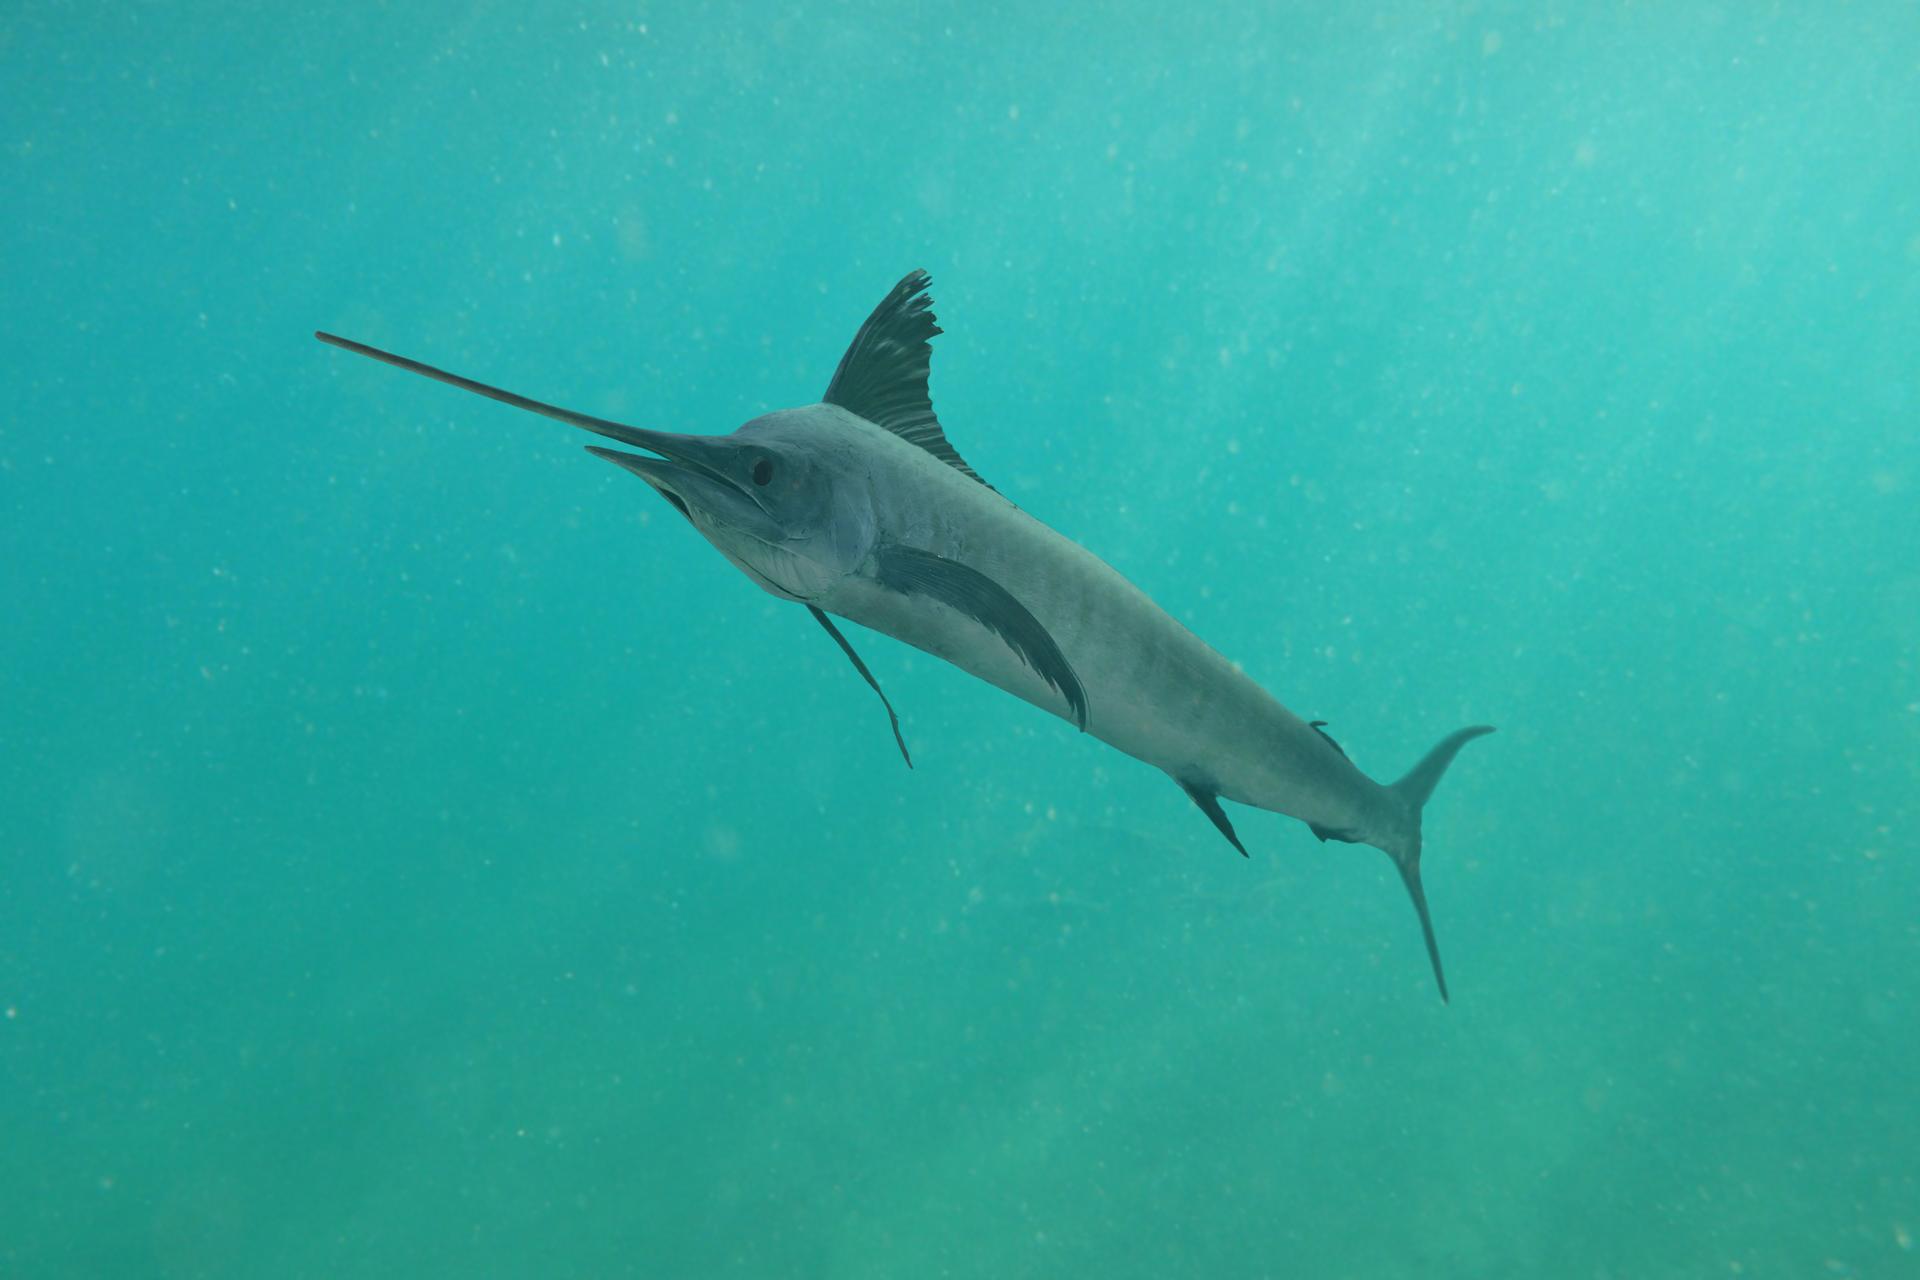 Zdjęcie miecznika wmorzu. Wuba jest skierowana głową wlewa stronę zdjęcia. Zprzodu glowy znajduje się długi, ostro zakończony wyrostek. Ciało ryby jest wysmukłe. Płetwy są wąskie imają kształt sierpa.